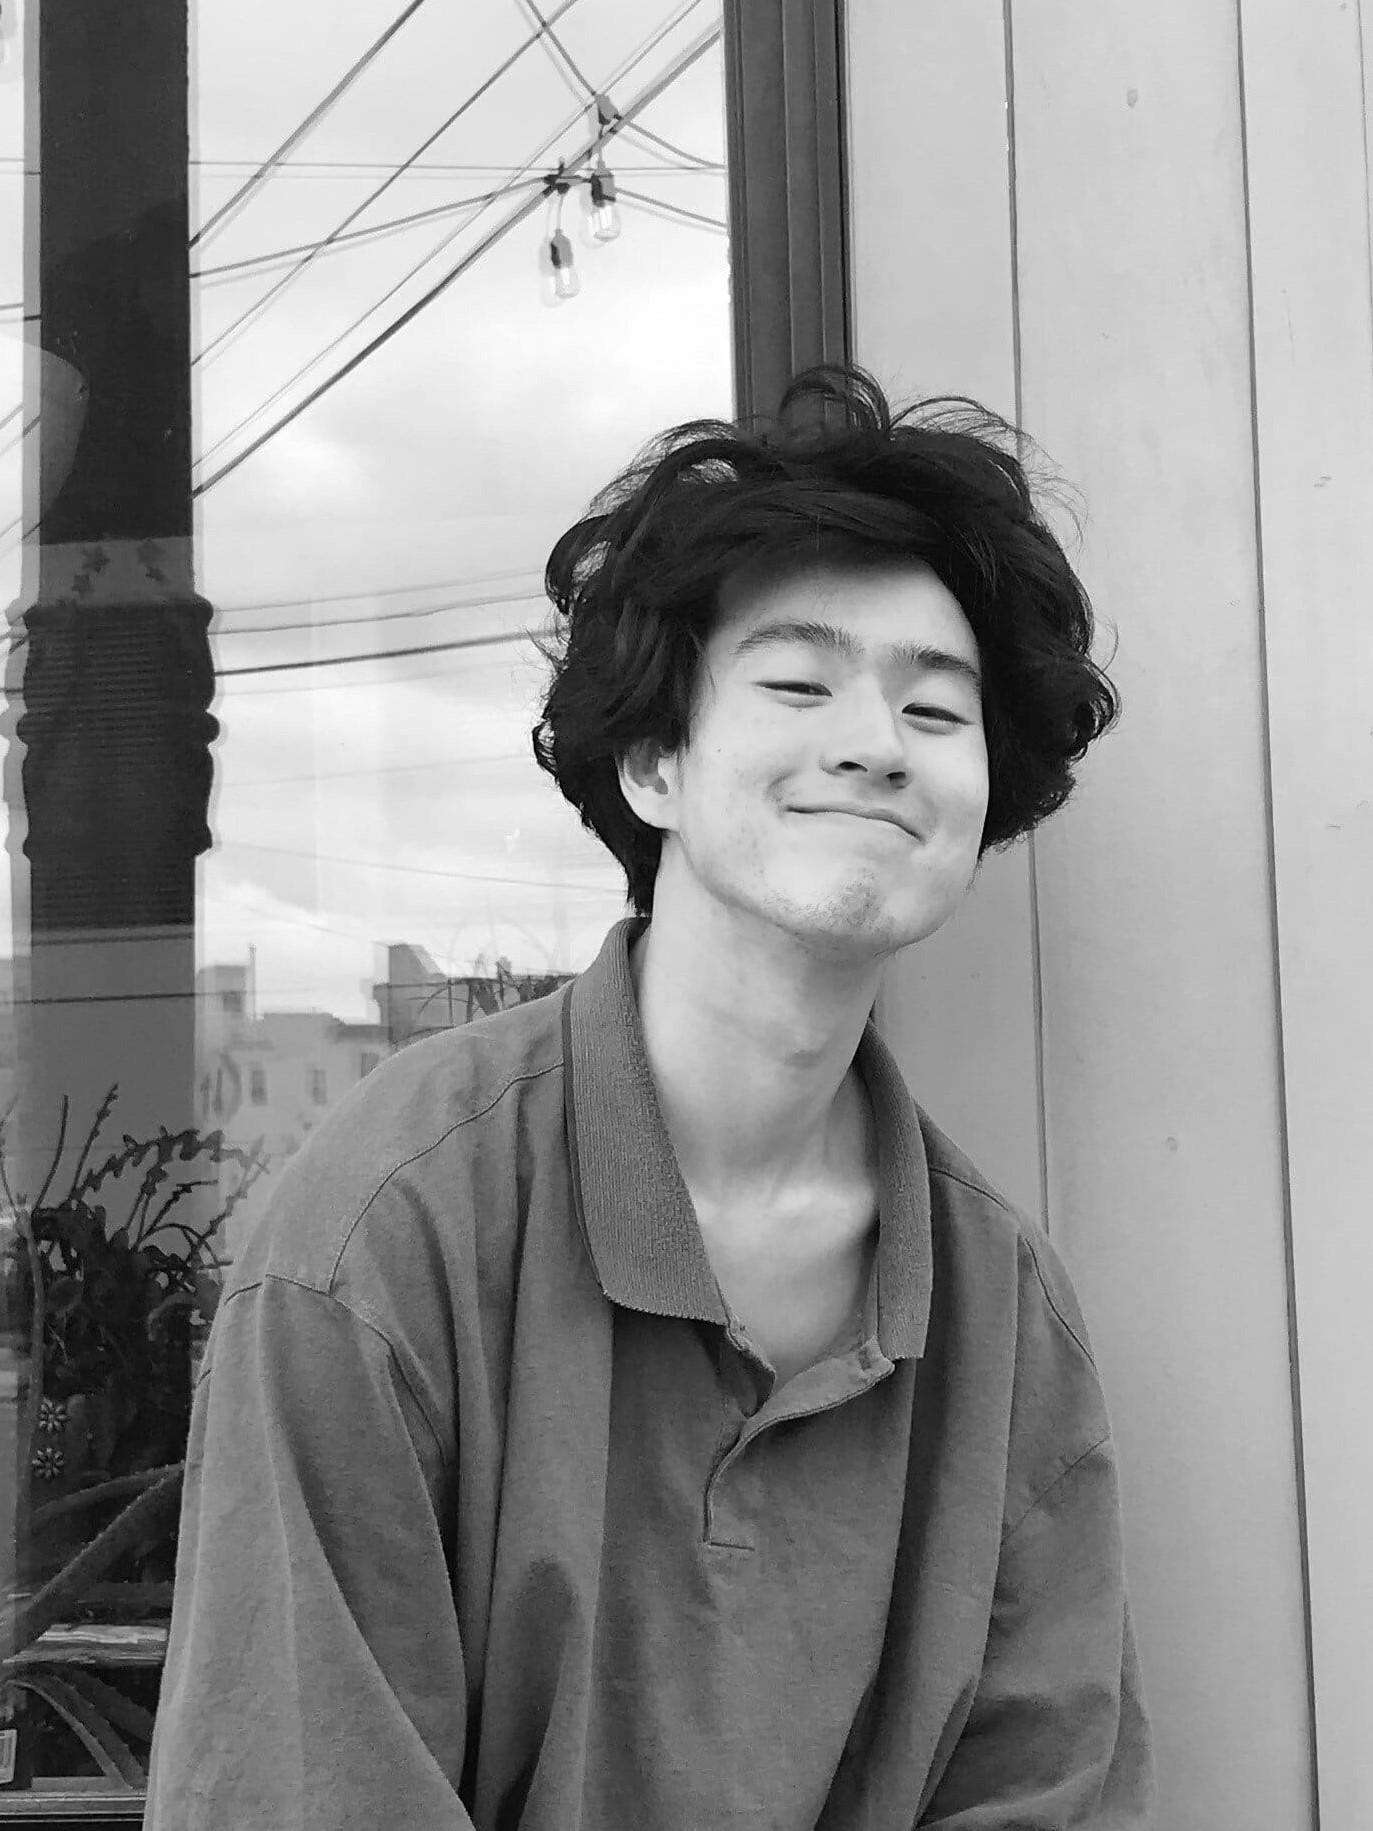 Photo of Sung-il M.